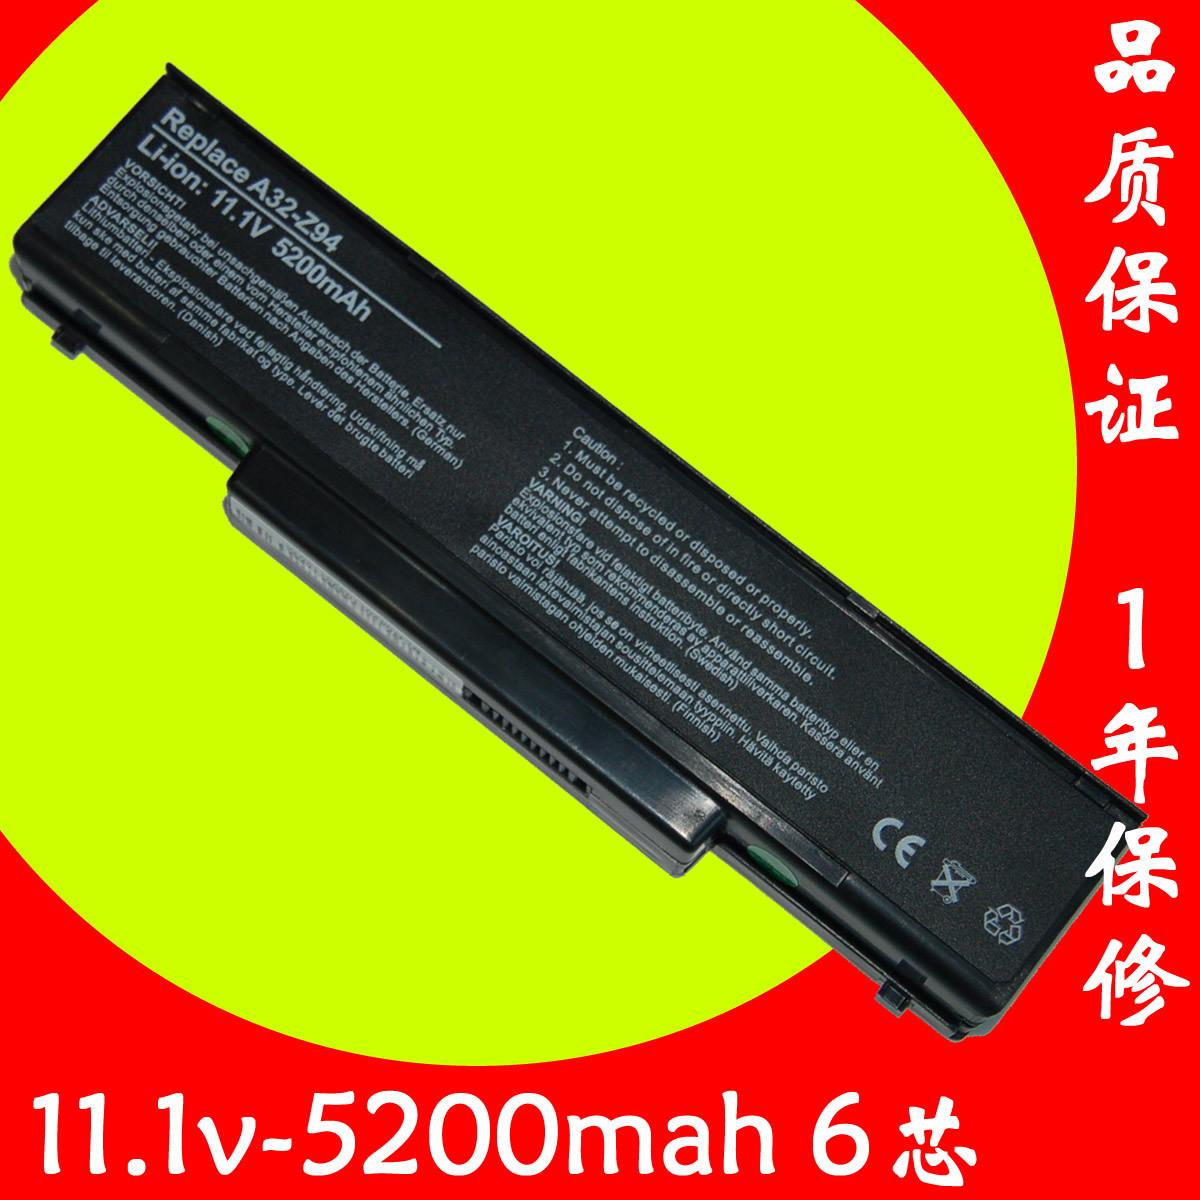 适用于华硕 ASUS F3F F3H F3J F3L F3 F3M F3P F3Q F3T F7SE 电池